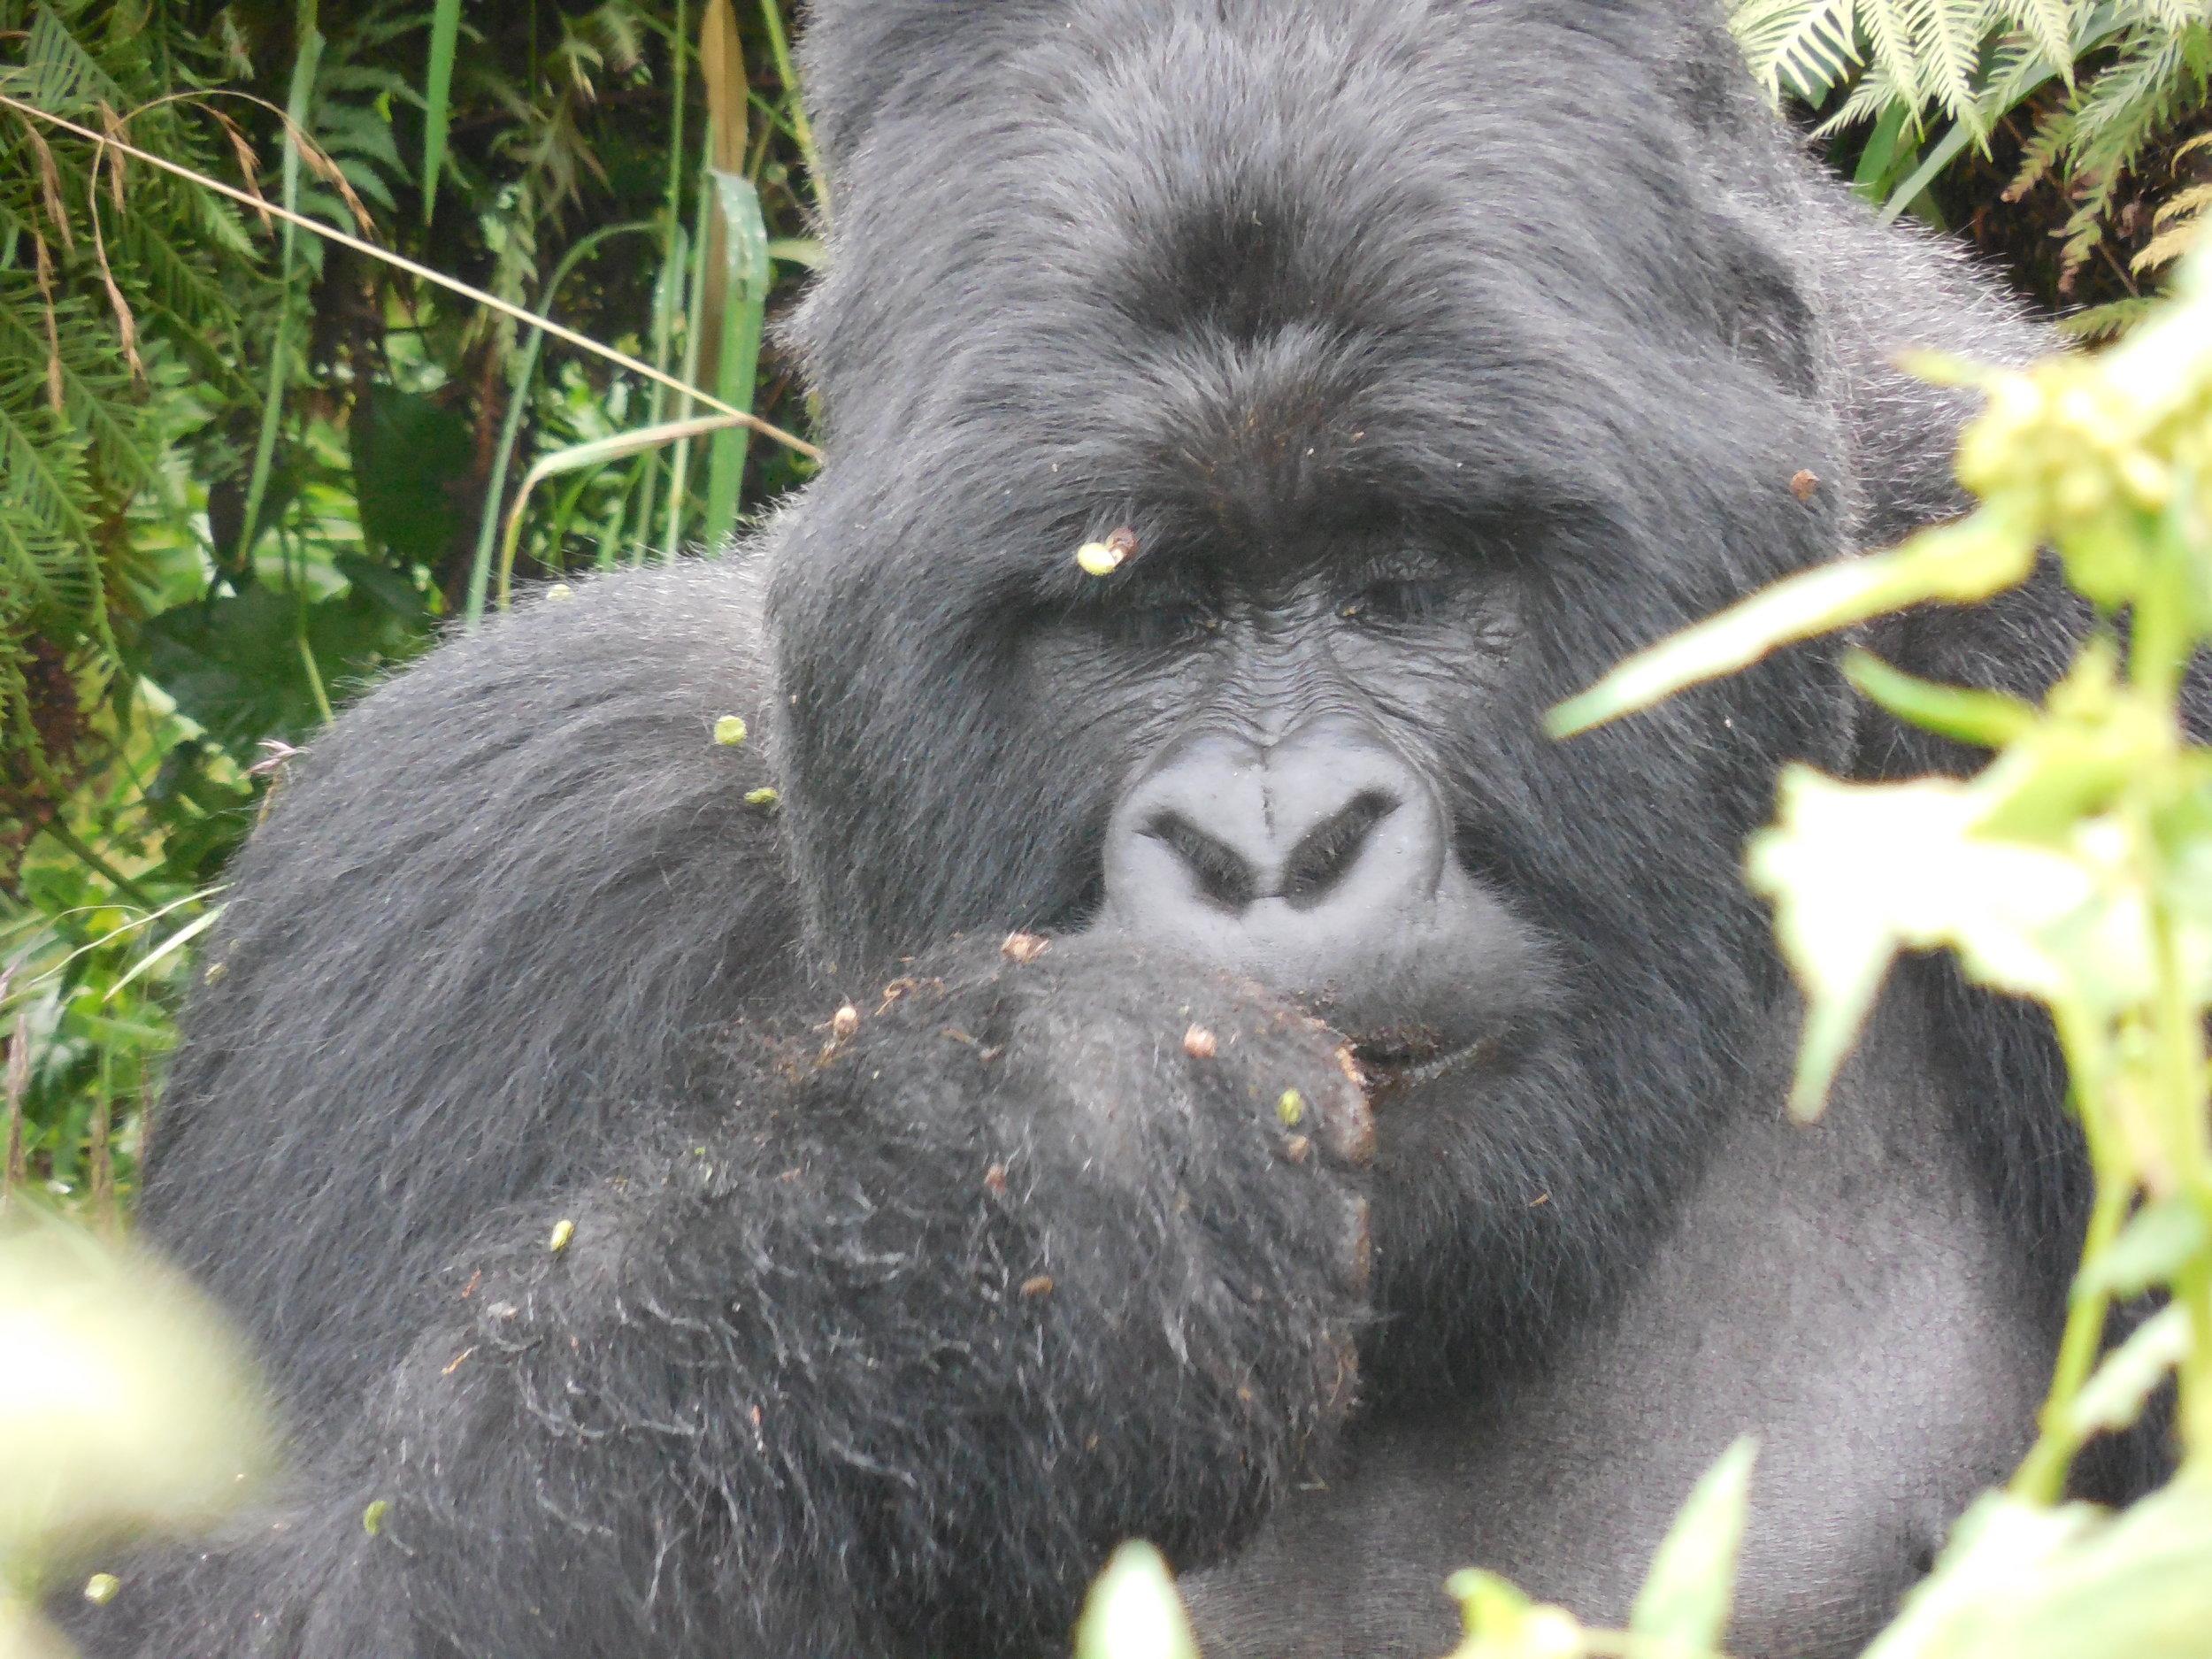 Nyakagyezi Alpha Male Gorilla Uganda 2017 ©Flyga Twiga™ LLC